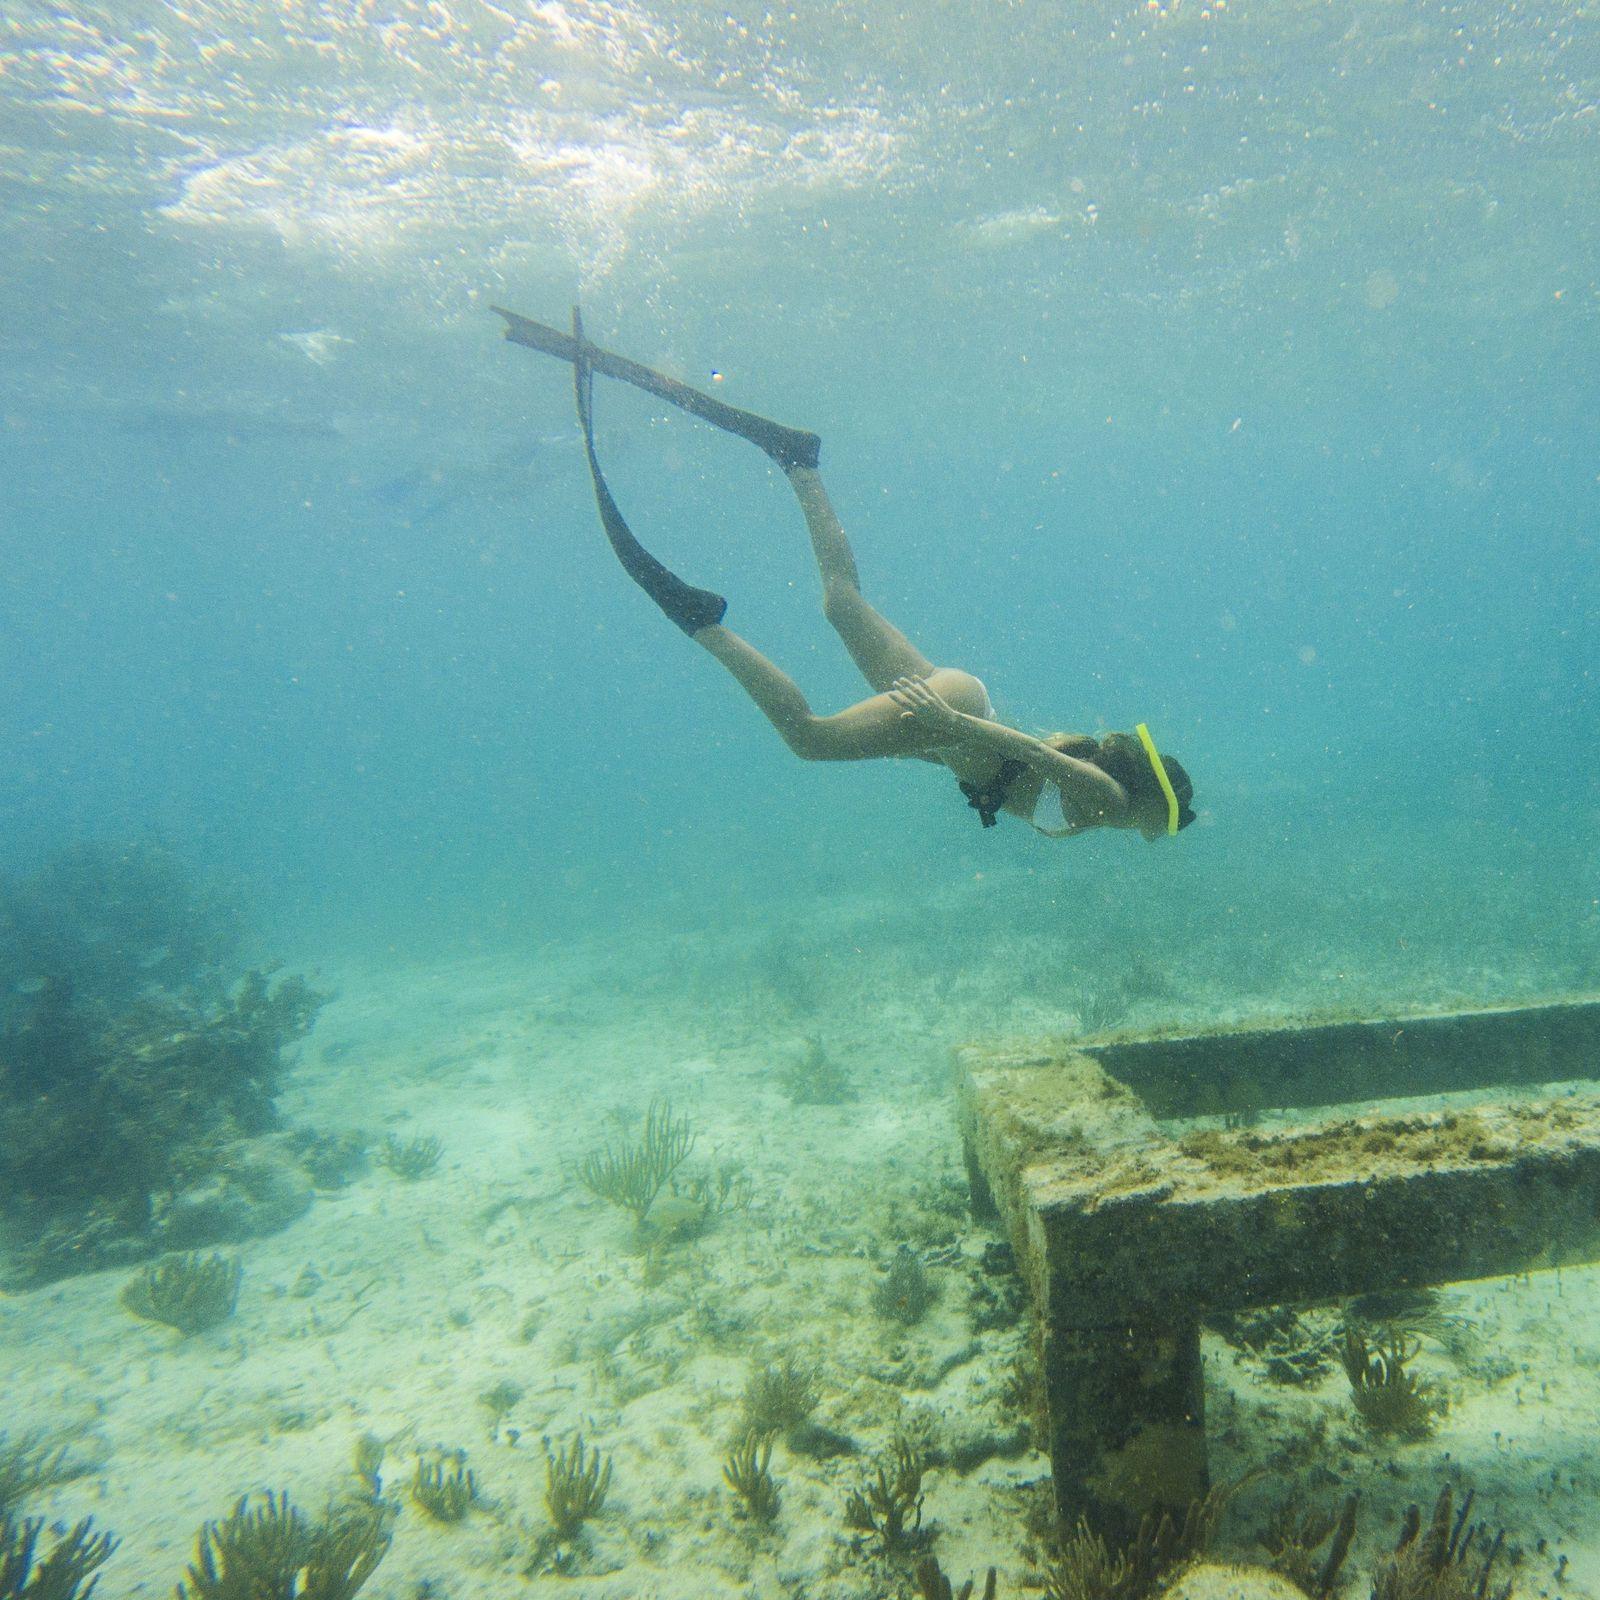 Hacer snorkel en MUSA en Cancún, México de la mano de Alex Lettrich